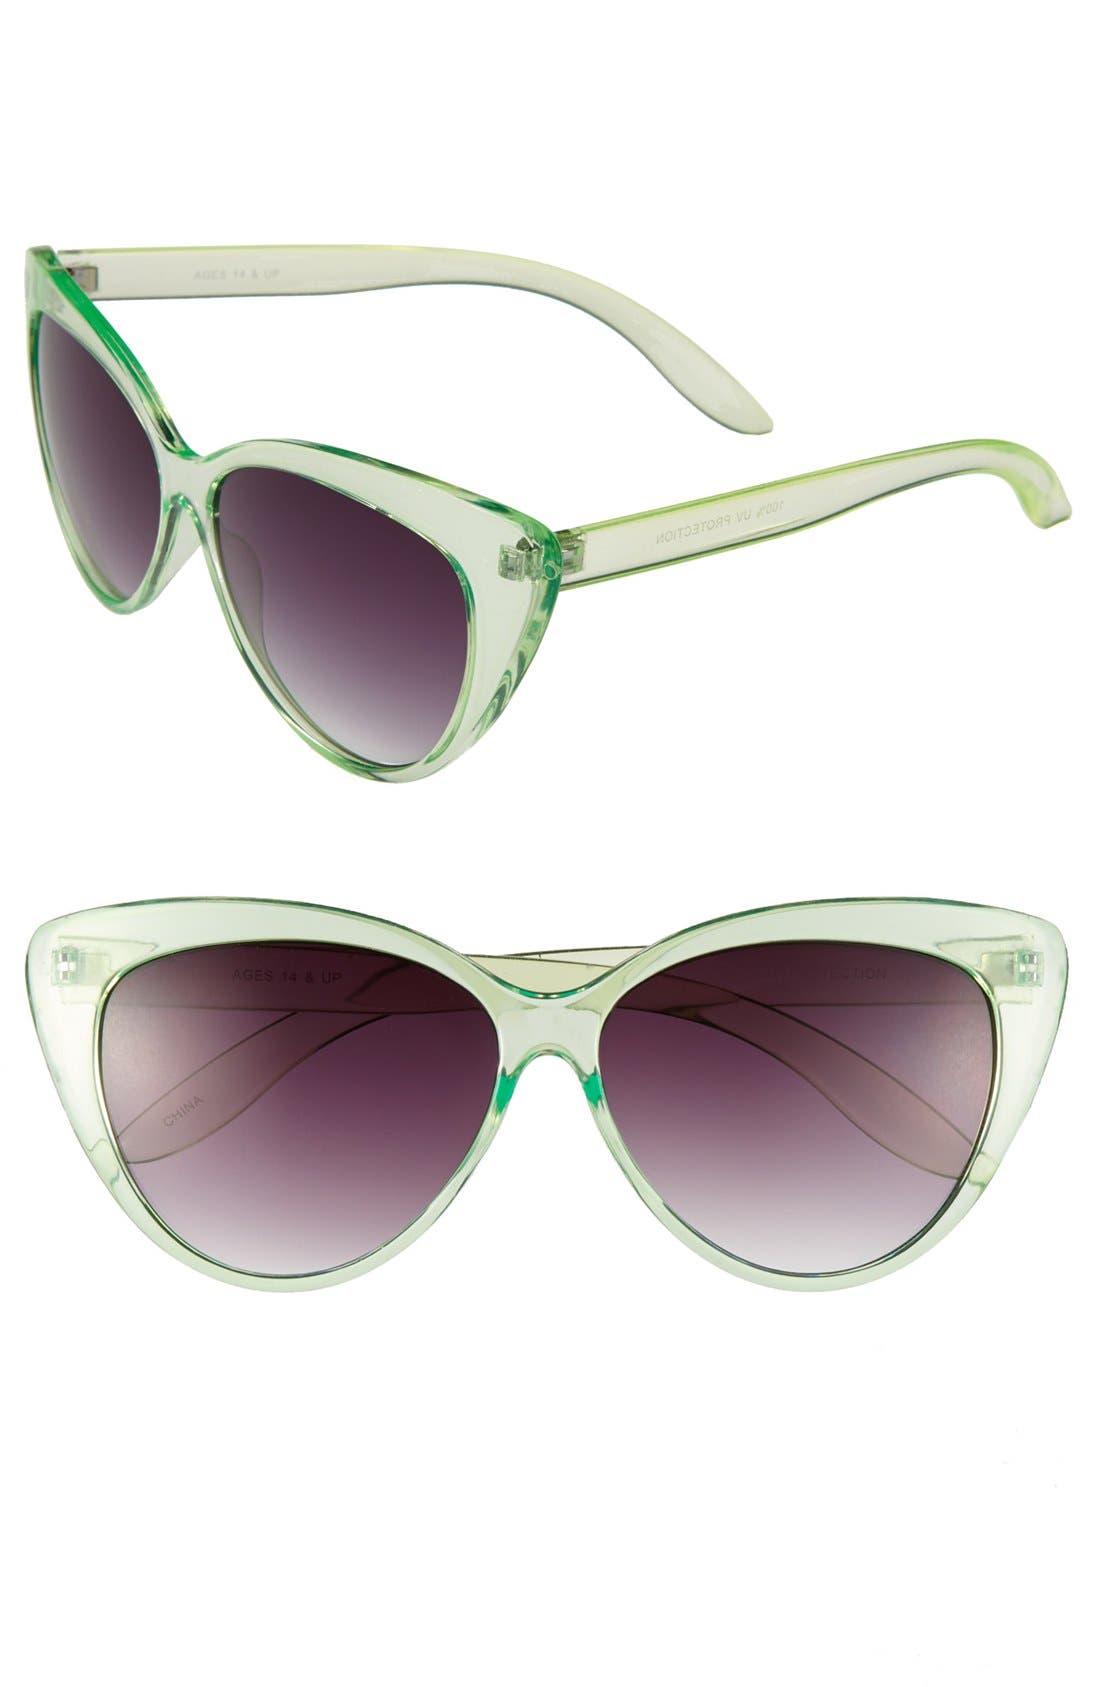 Main Image - FE NY 'Cleopatra' Sunglasses